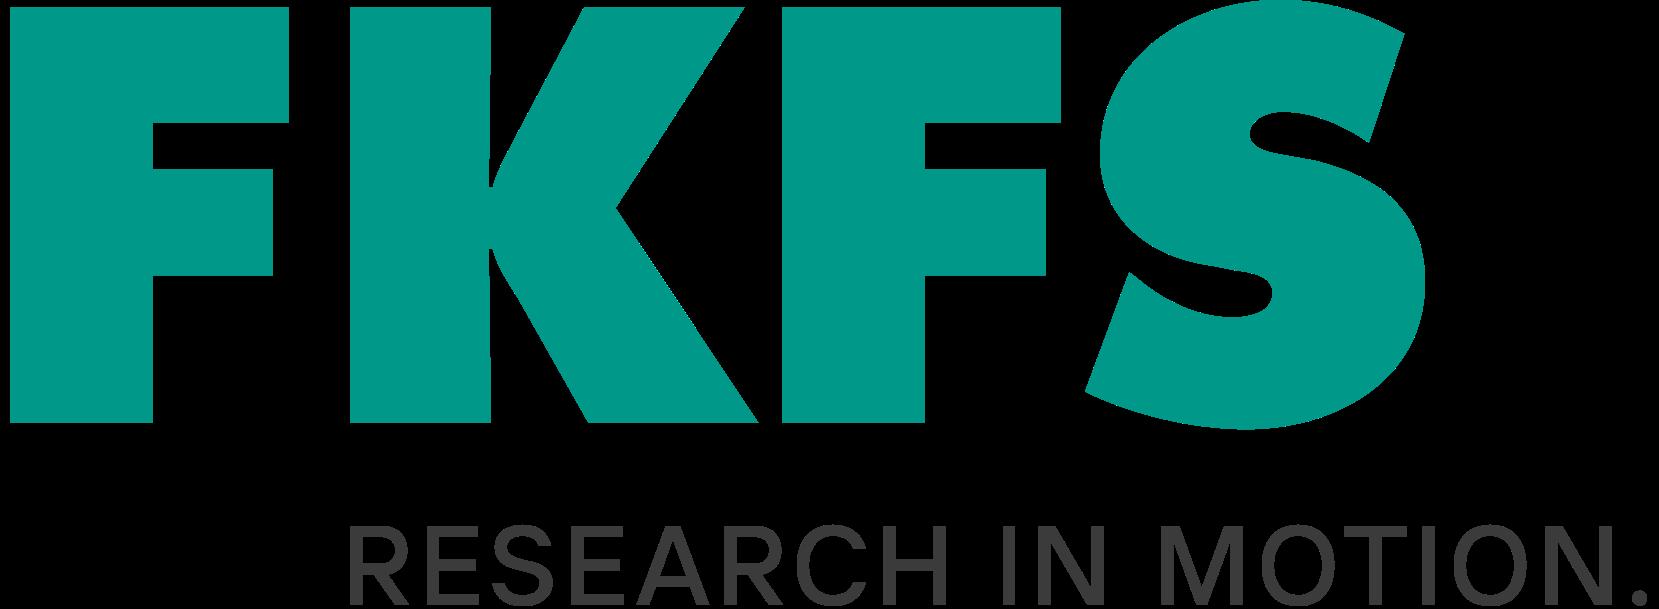 Unternehmensberatung für die Firma FKFS